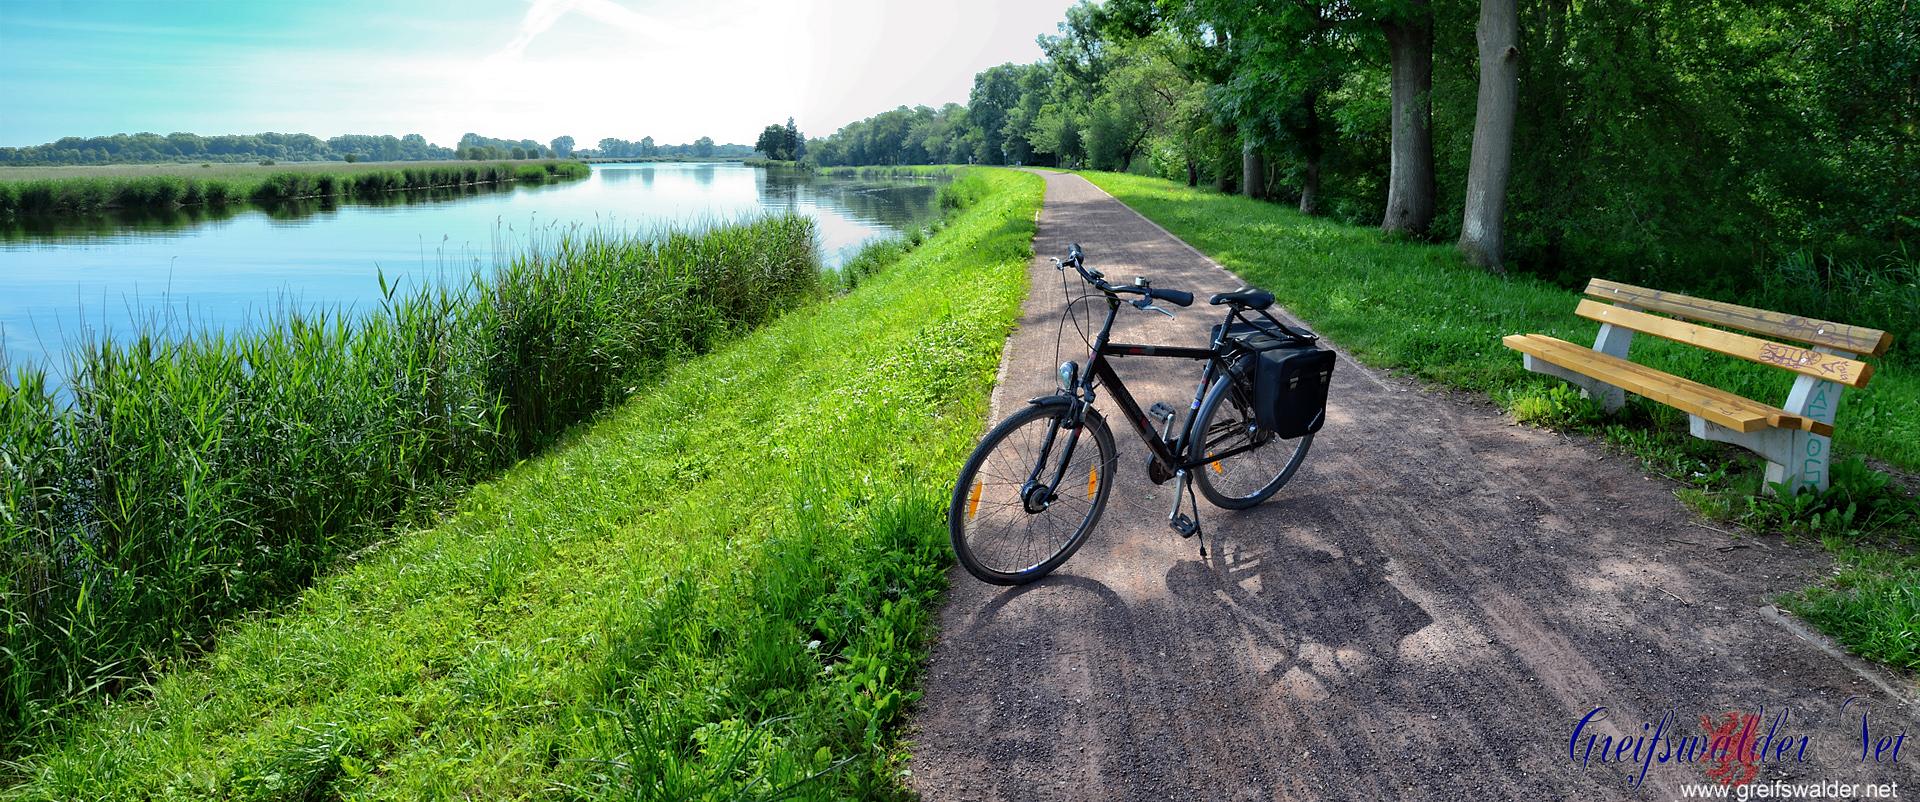 Fahrradtour auf dem Treidelpfad in Greifswald